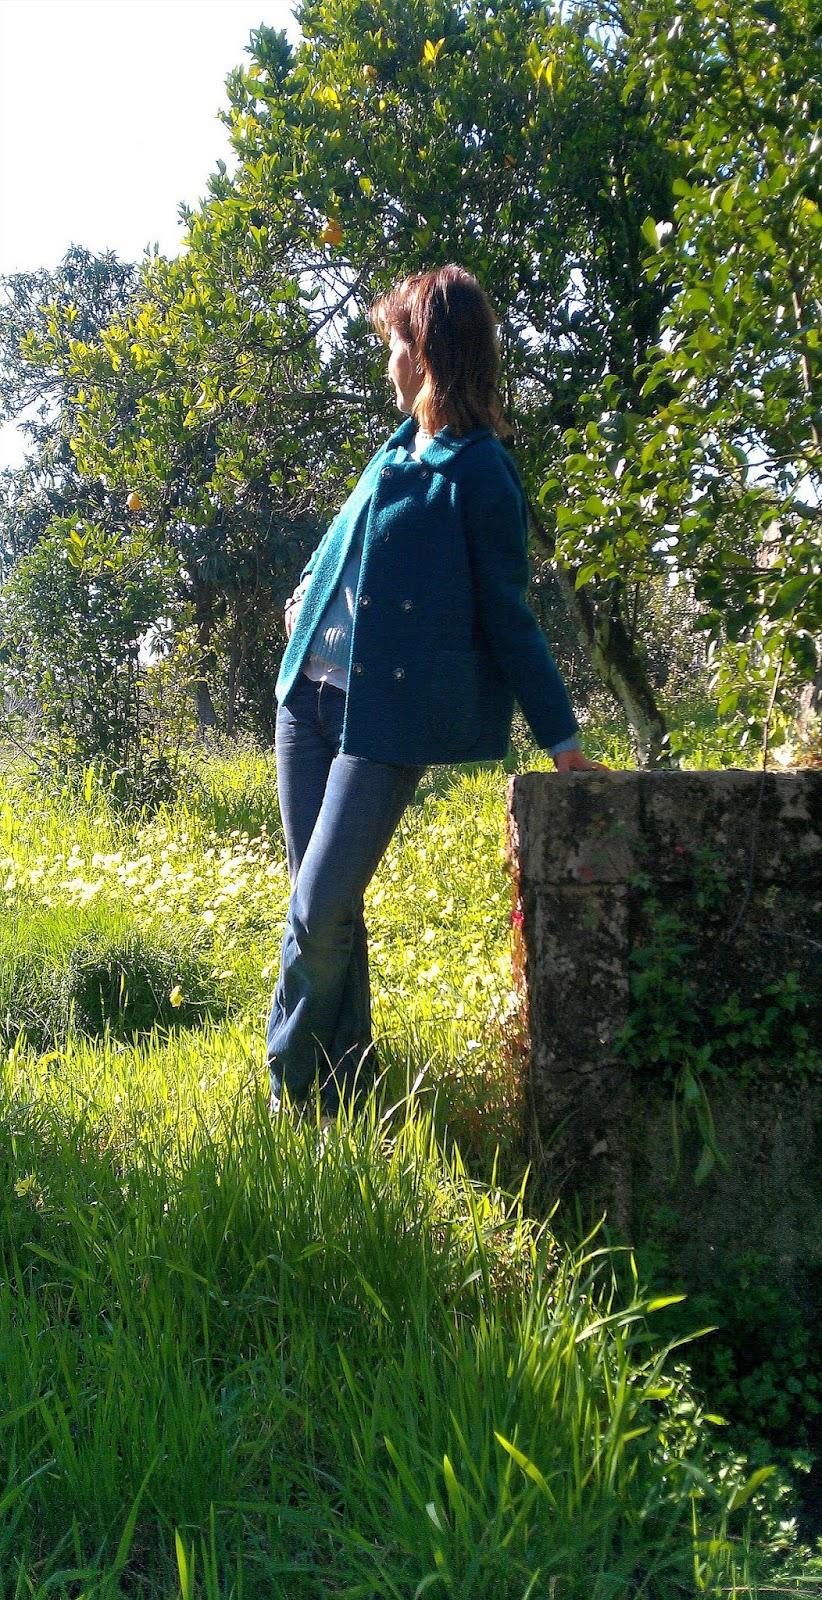 O Blog da Maria: Cores da Primavera. Quinta da Pena em Povolide, Viseu.